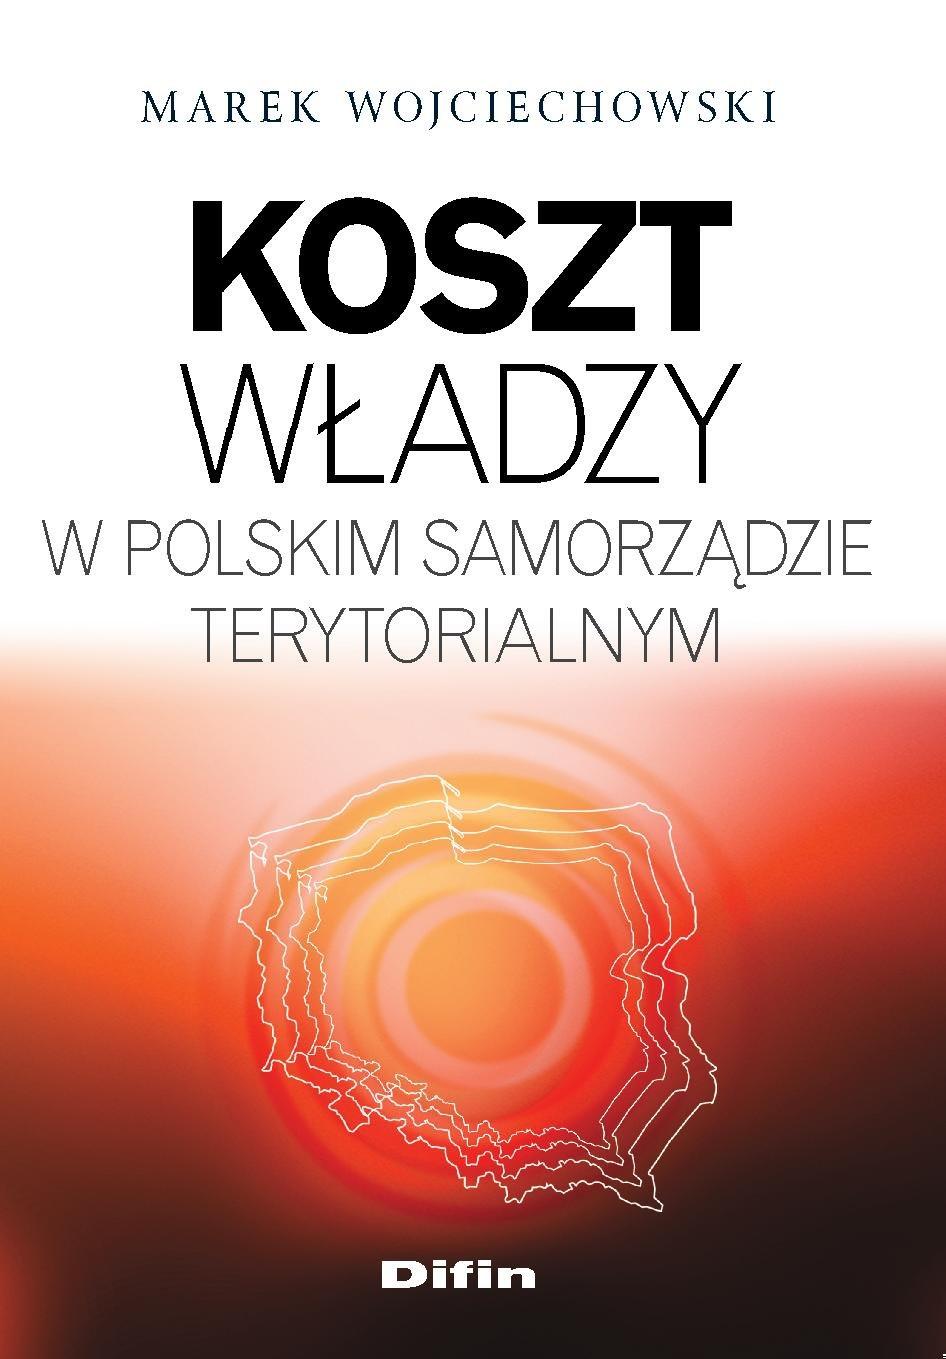 Koszt władzy w polskim samorządzie terytorialnym - Ebook (Książka PDF) do pobrania w formacie PDF